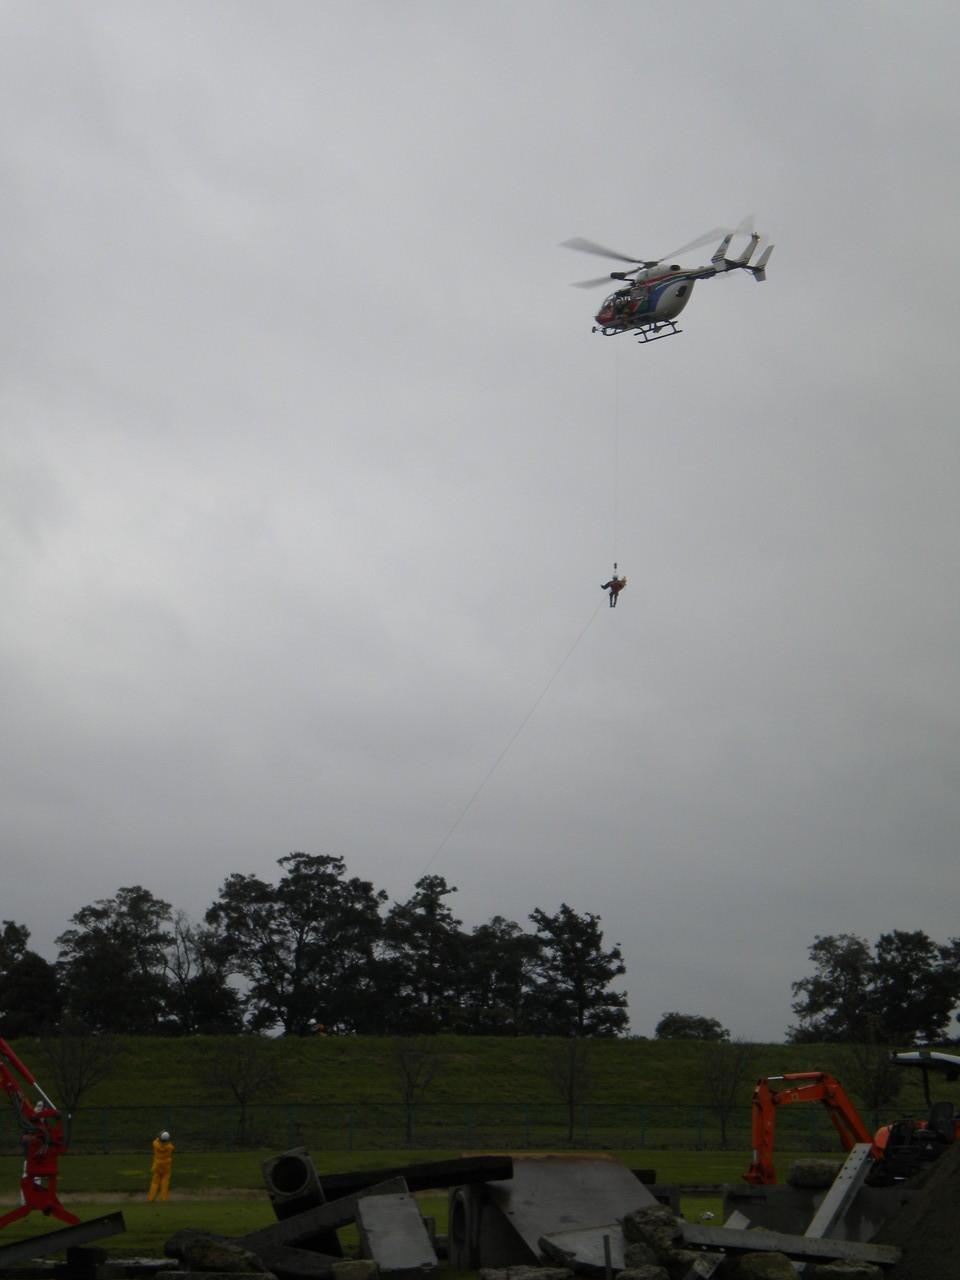 救助訓練 ヘリコプター降下